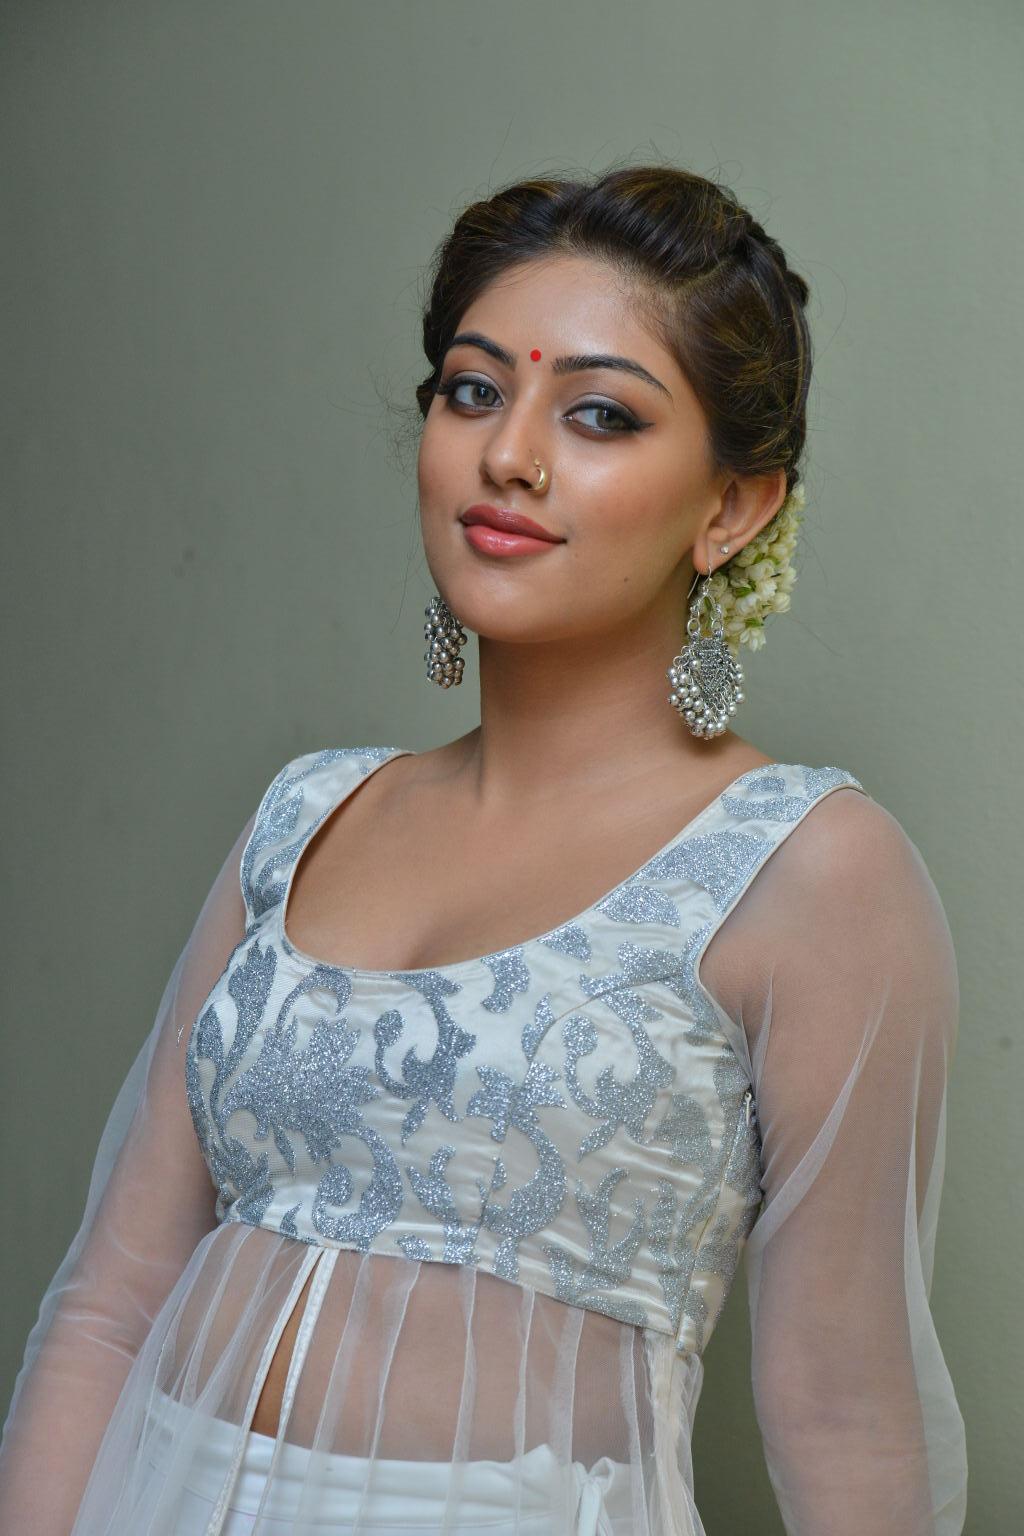 actress anu emmanuel latest stills   indian actresses